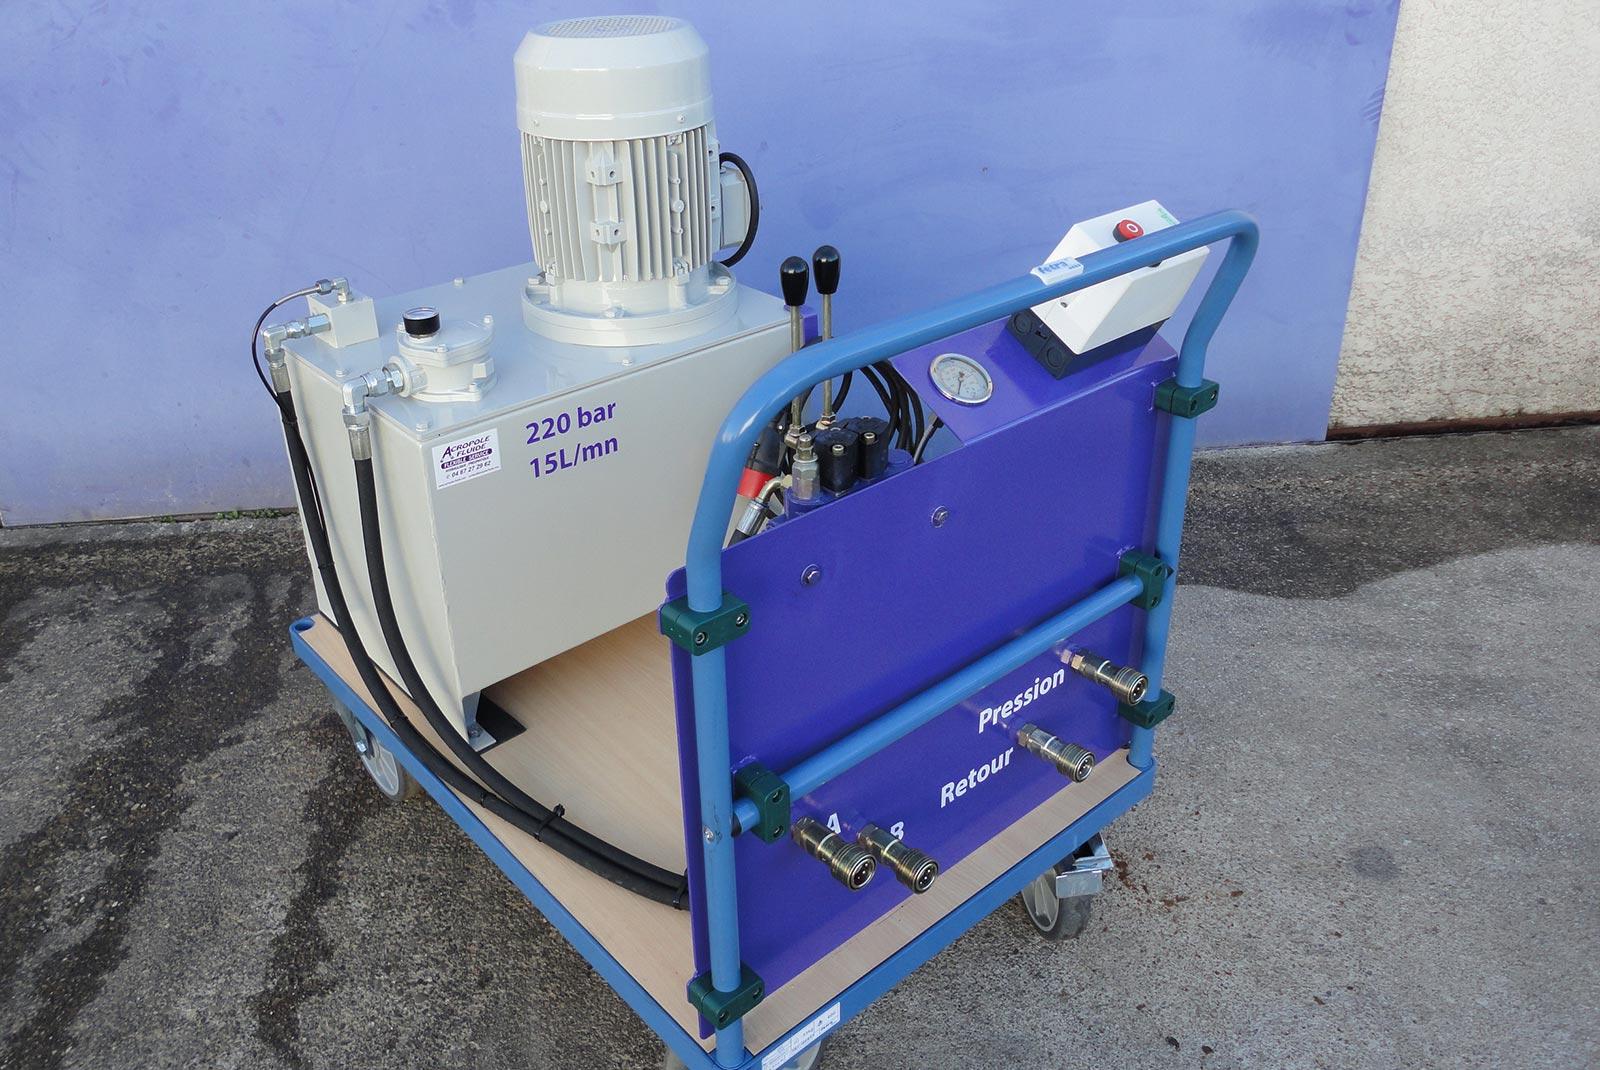 Centrale hydraulique 5.5 kw sur chariot pour essais atelier